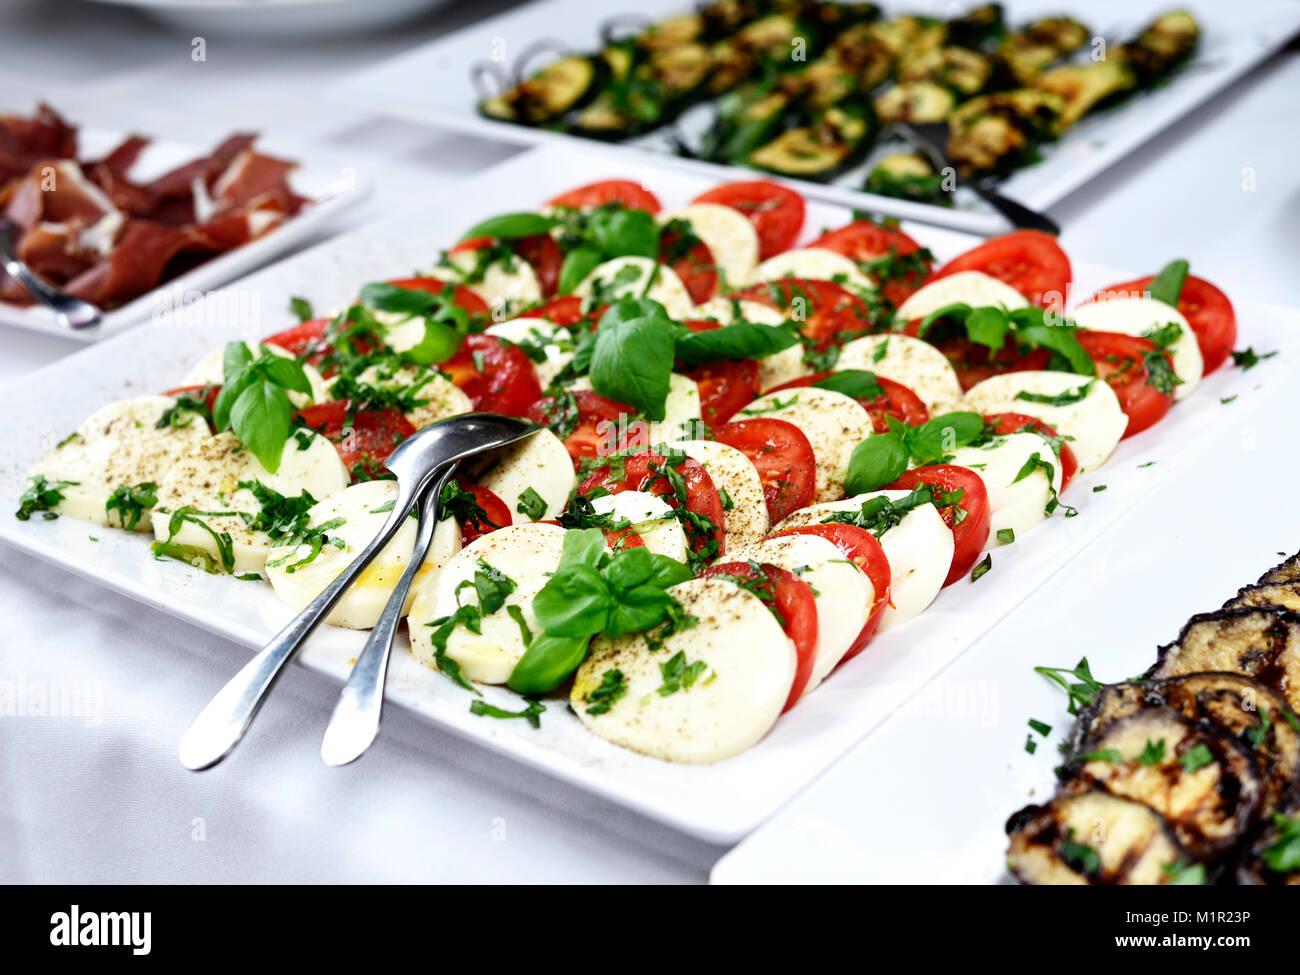 Buffet de Antipasti o banquete con tomate y mozzarella placa y hojas de albahaca fresca. Banquete de boda o fiesta Foto de stock